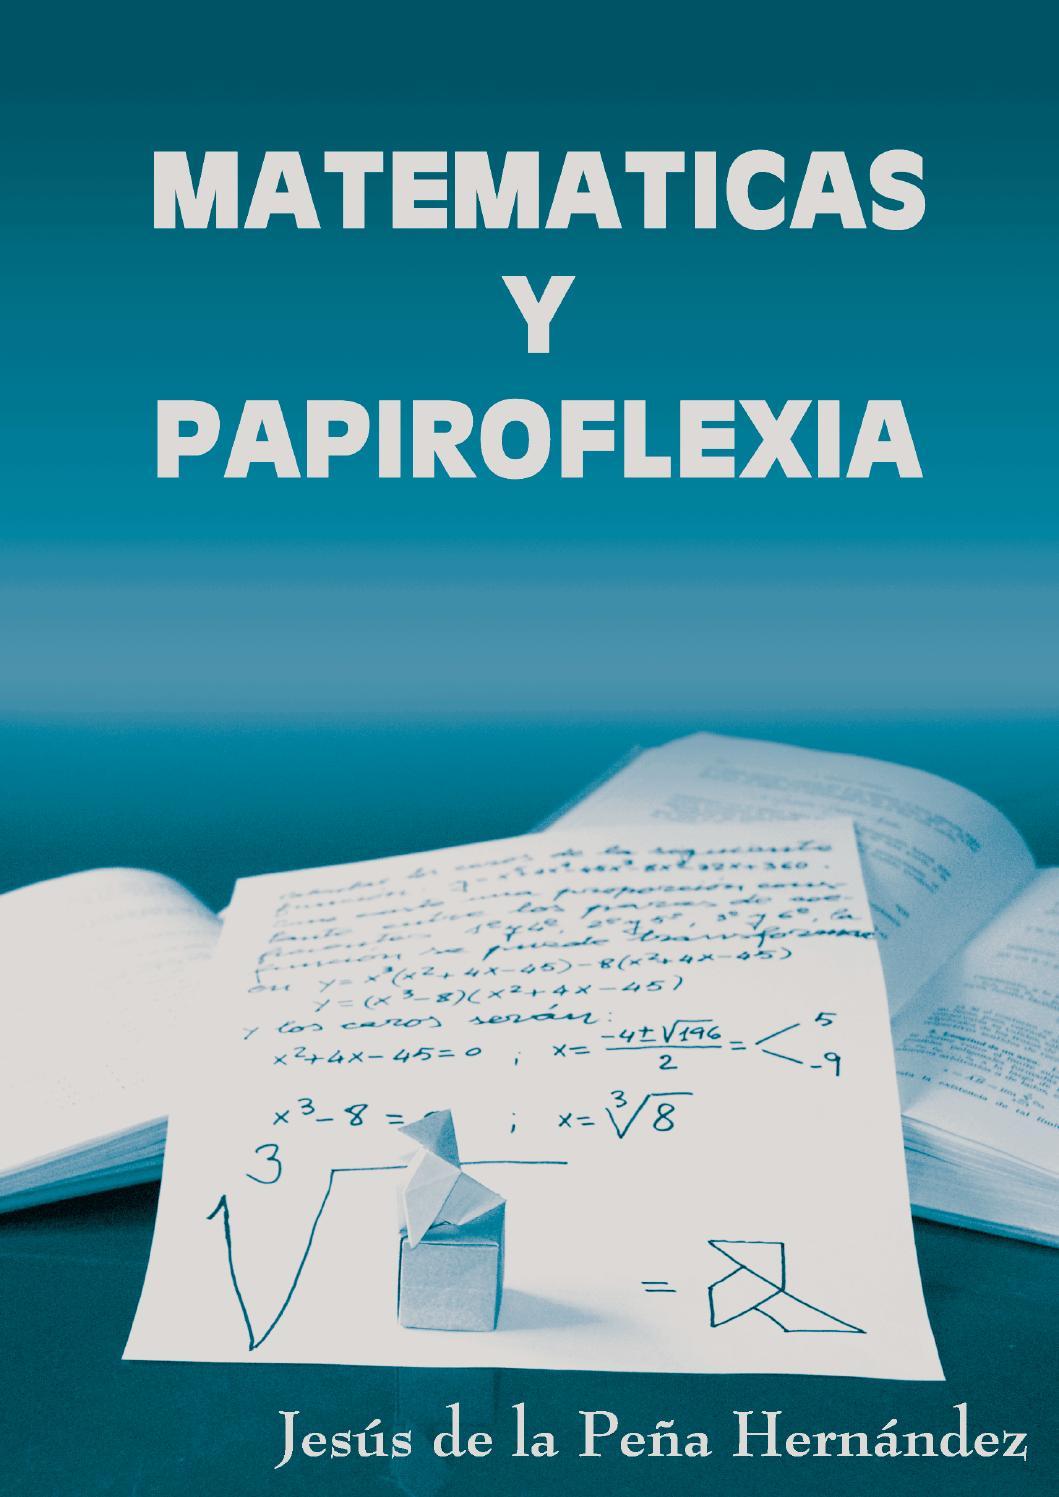 Matematicas y origami español by Angel V. M. - issuu